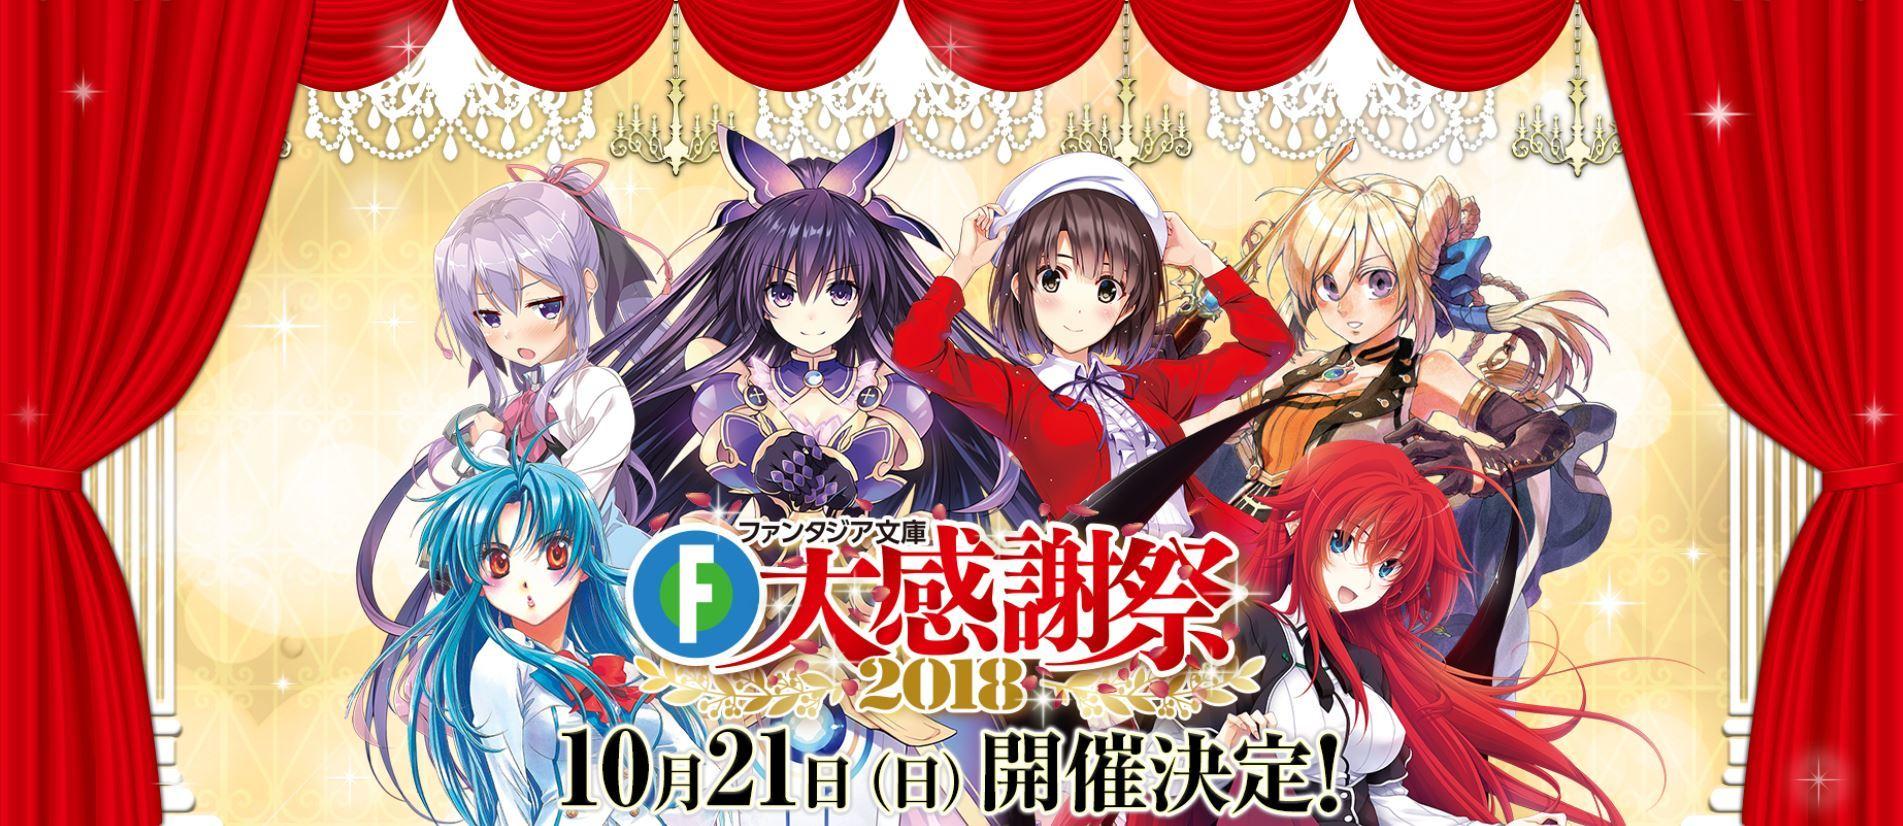 『ファンタジア文庫大感謝祭2018』メインビジュアル